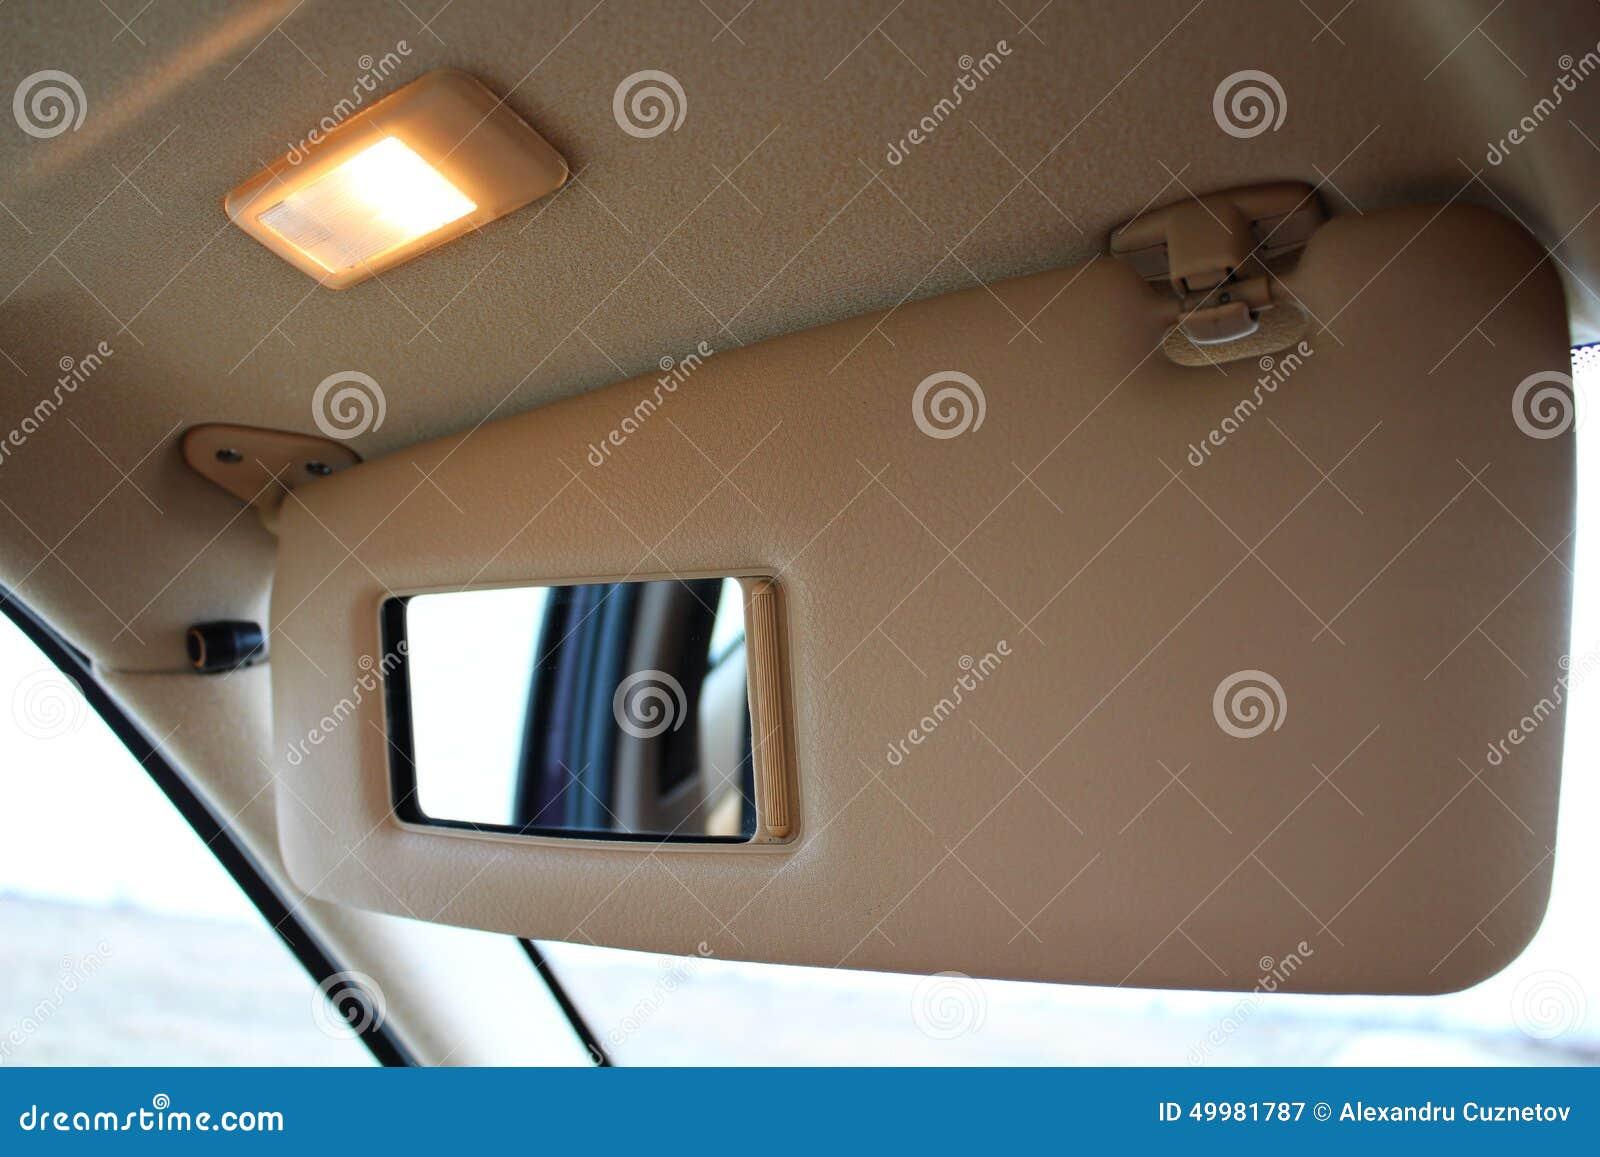 Car Sun Light Protection Visor Stock Image - Image of visor ... 0b9878fce16